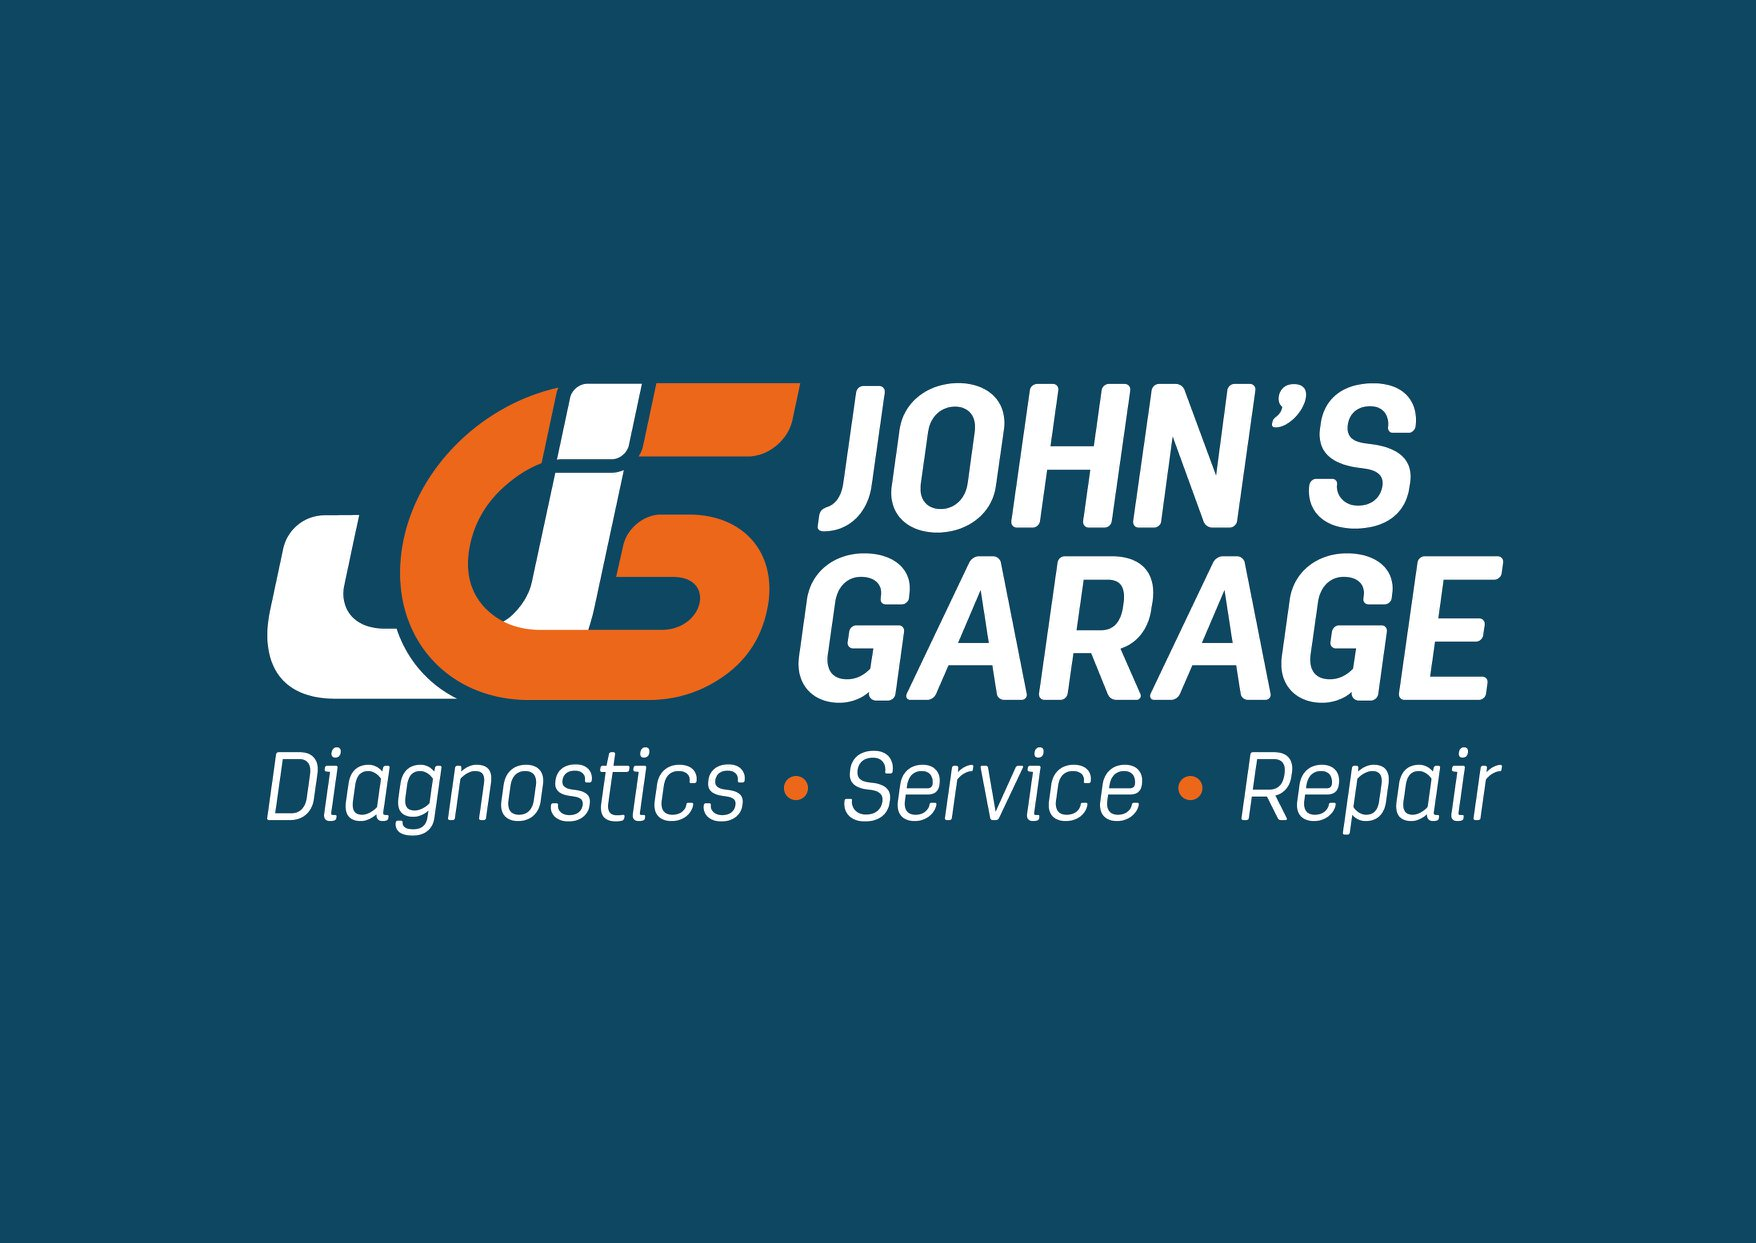 John's Garage Jersey